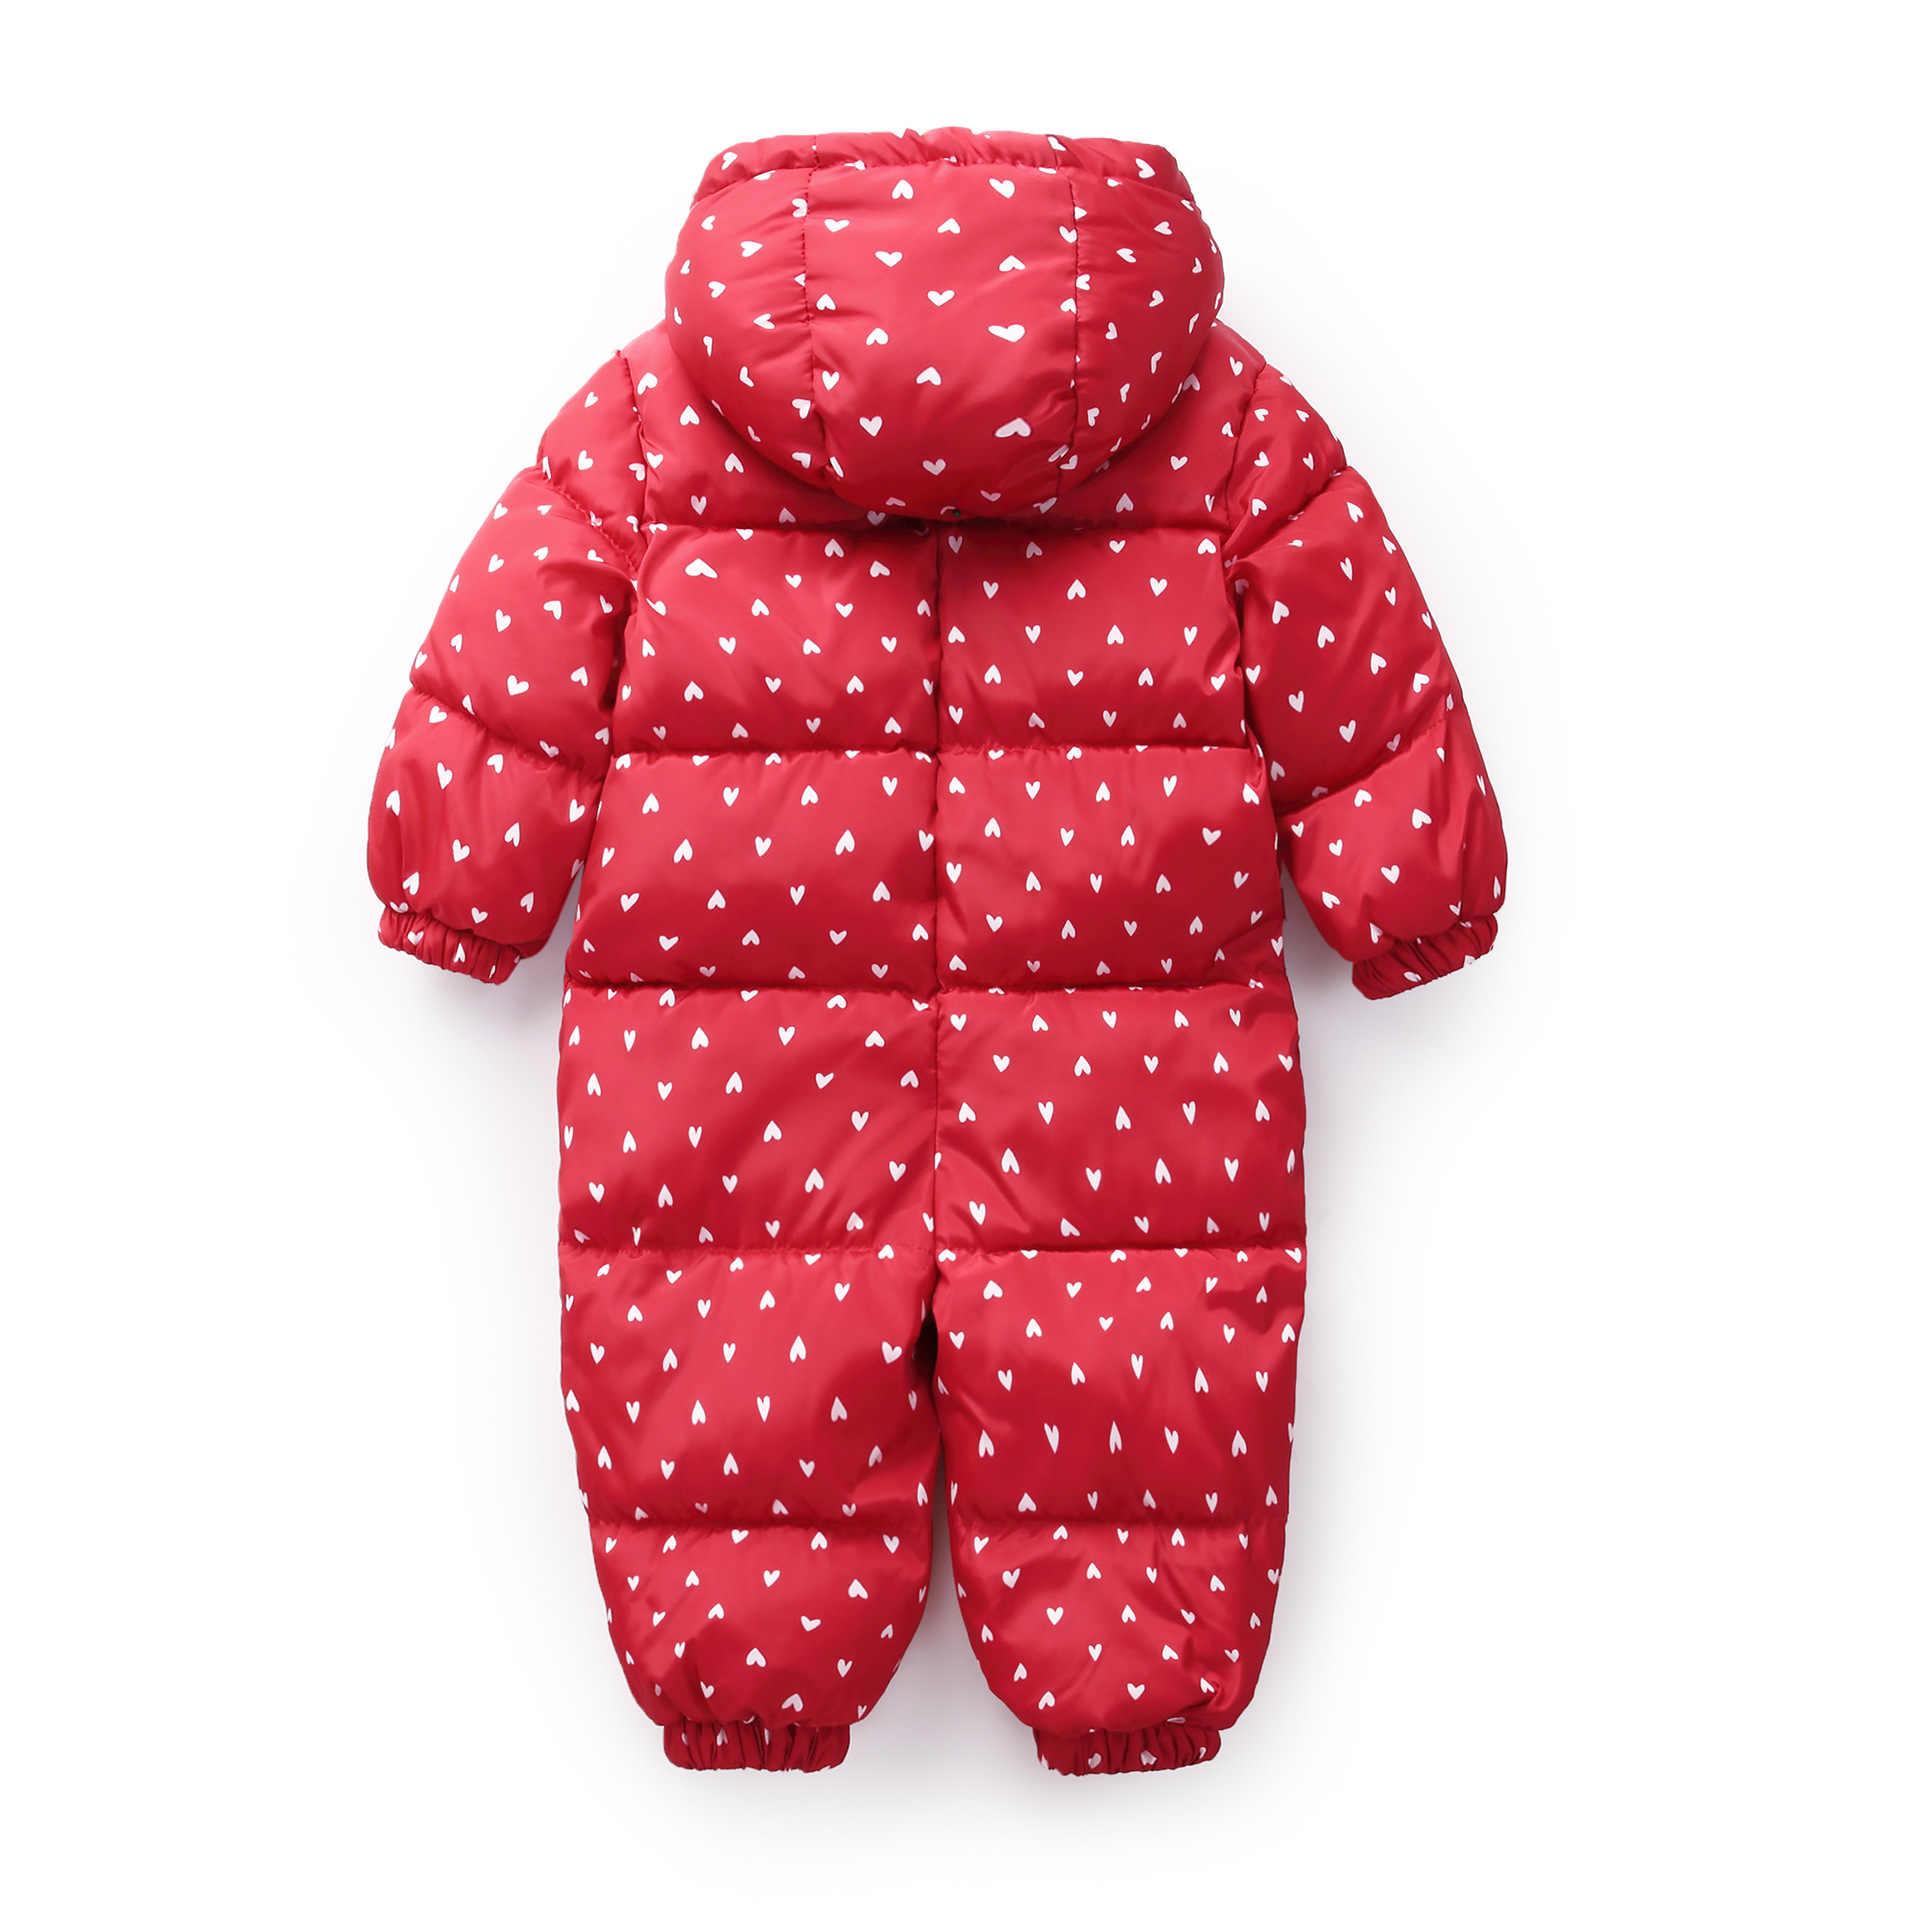 Invierno recién nacido Bebé Ropa mono camuflaje cálido mono de nieve para niño para niñas monos con capucha para niños mono unisex para bebé